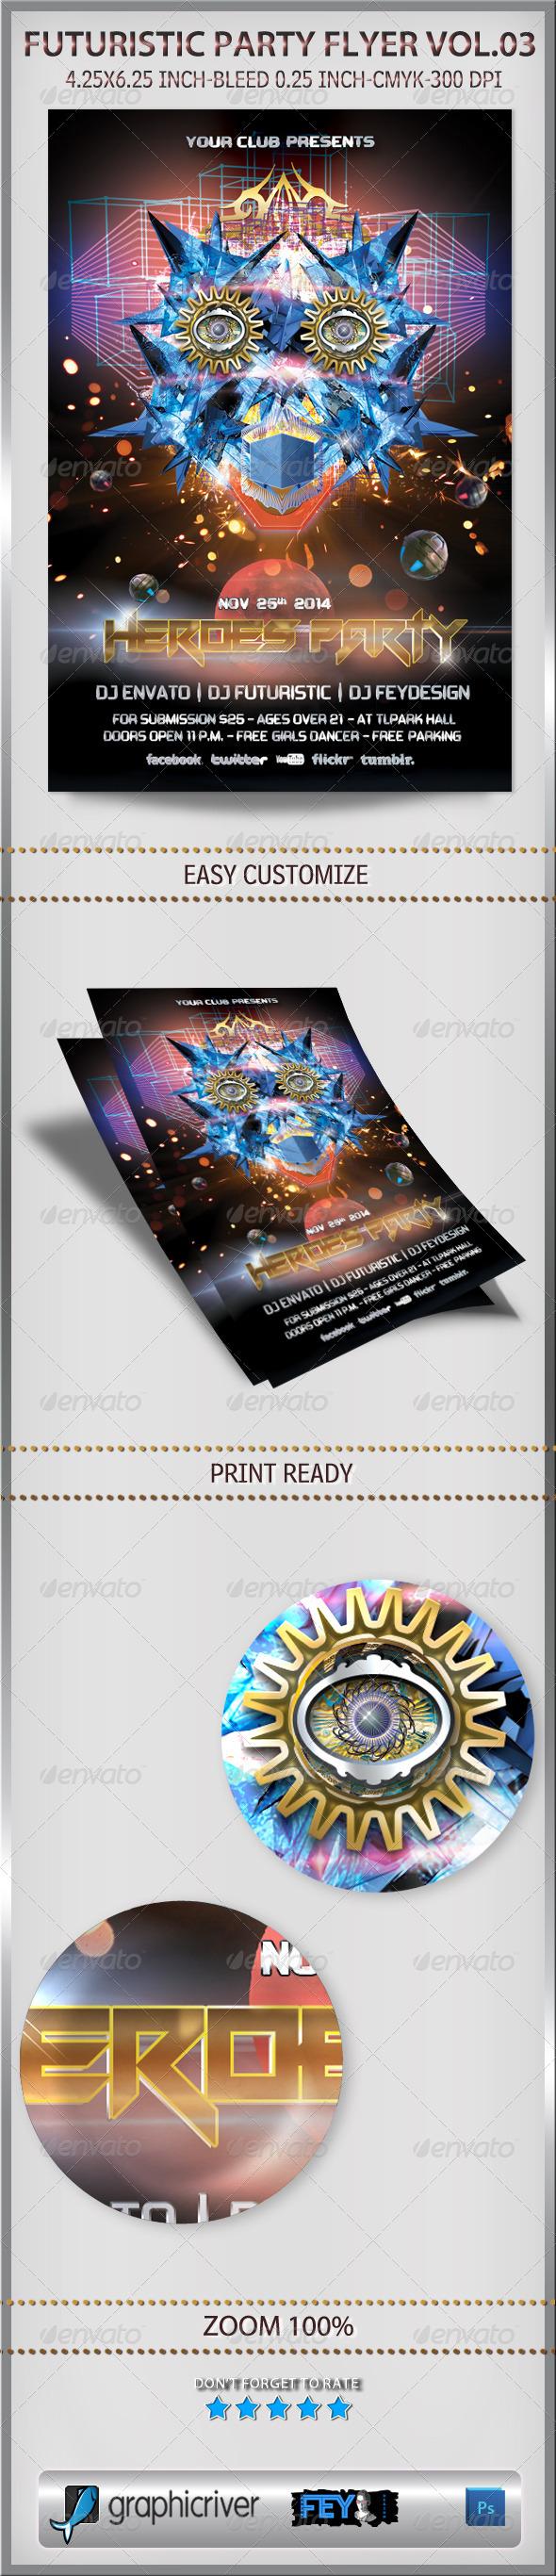 GraphicRiver Futuristic Party Flyer Vol.03 6219880